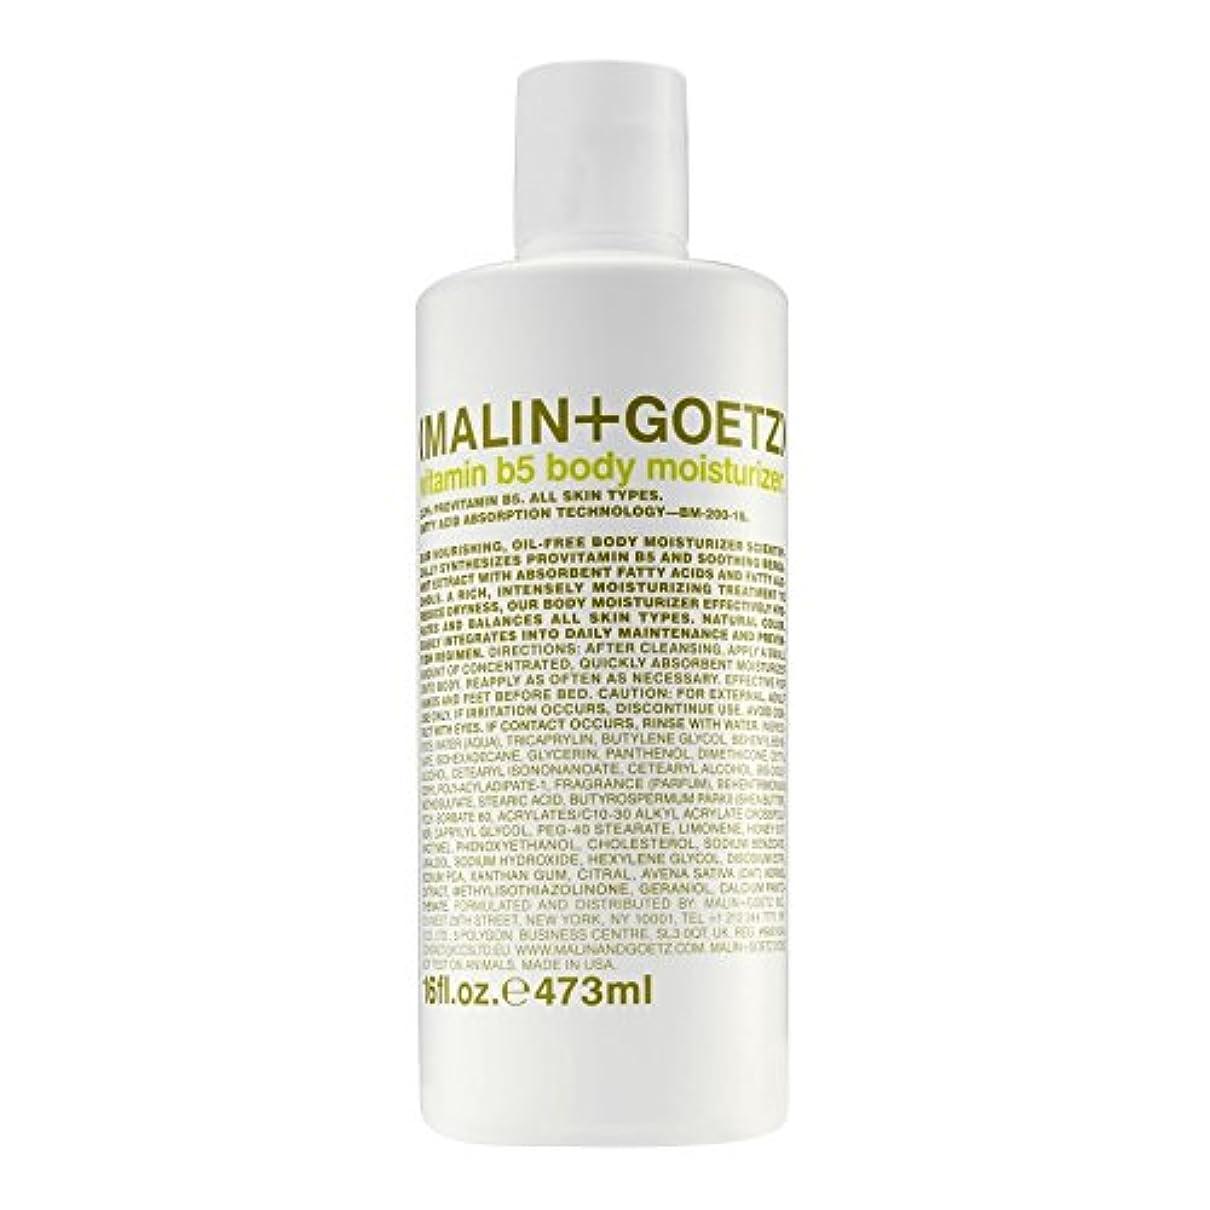 ティッシュ便宜無臭マリン+ゲッツビタミン5ボディモイスチャライザーの473ミリリットル x2 - MALIN+GOETZ Vitamin B5 Body Moisturiser 473ml (Pack of 2) [並行輸入品]